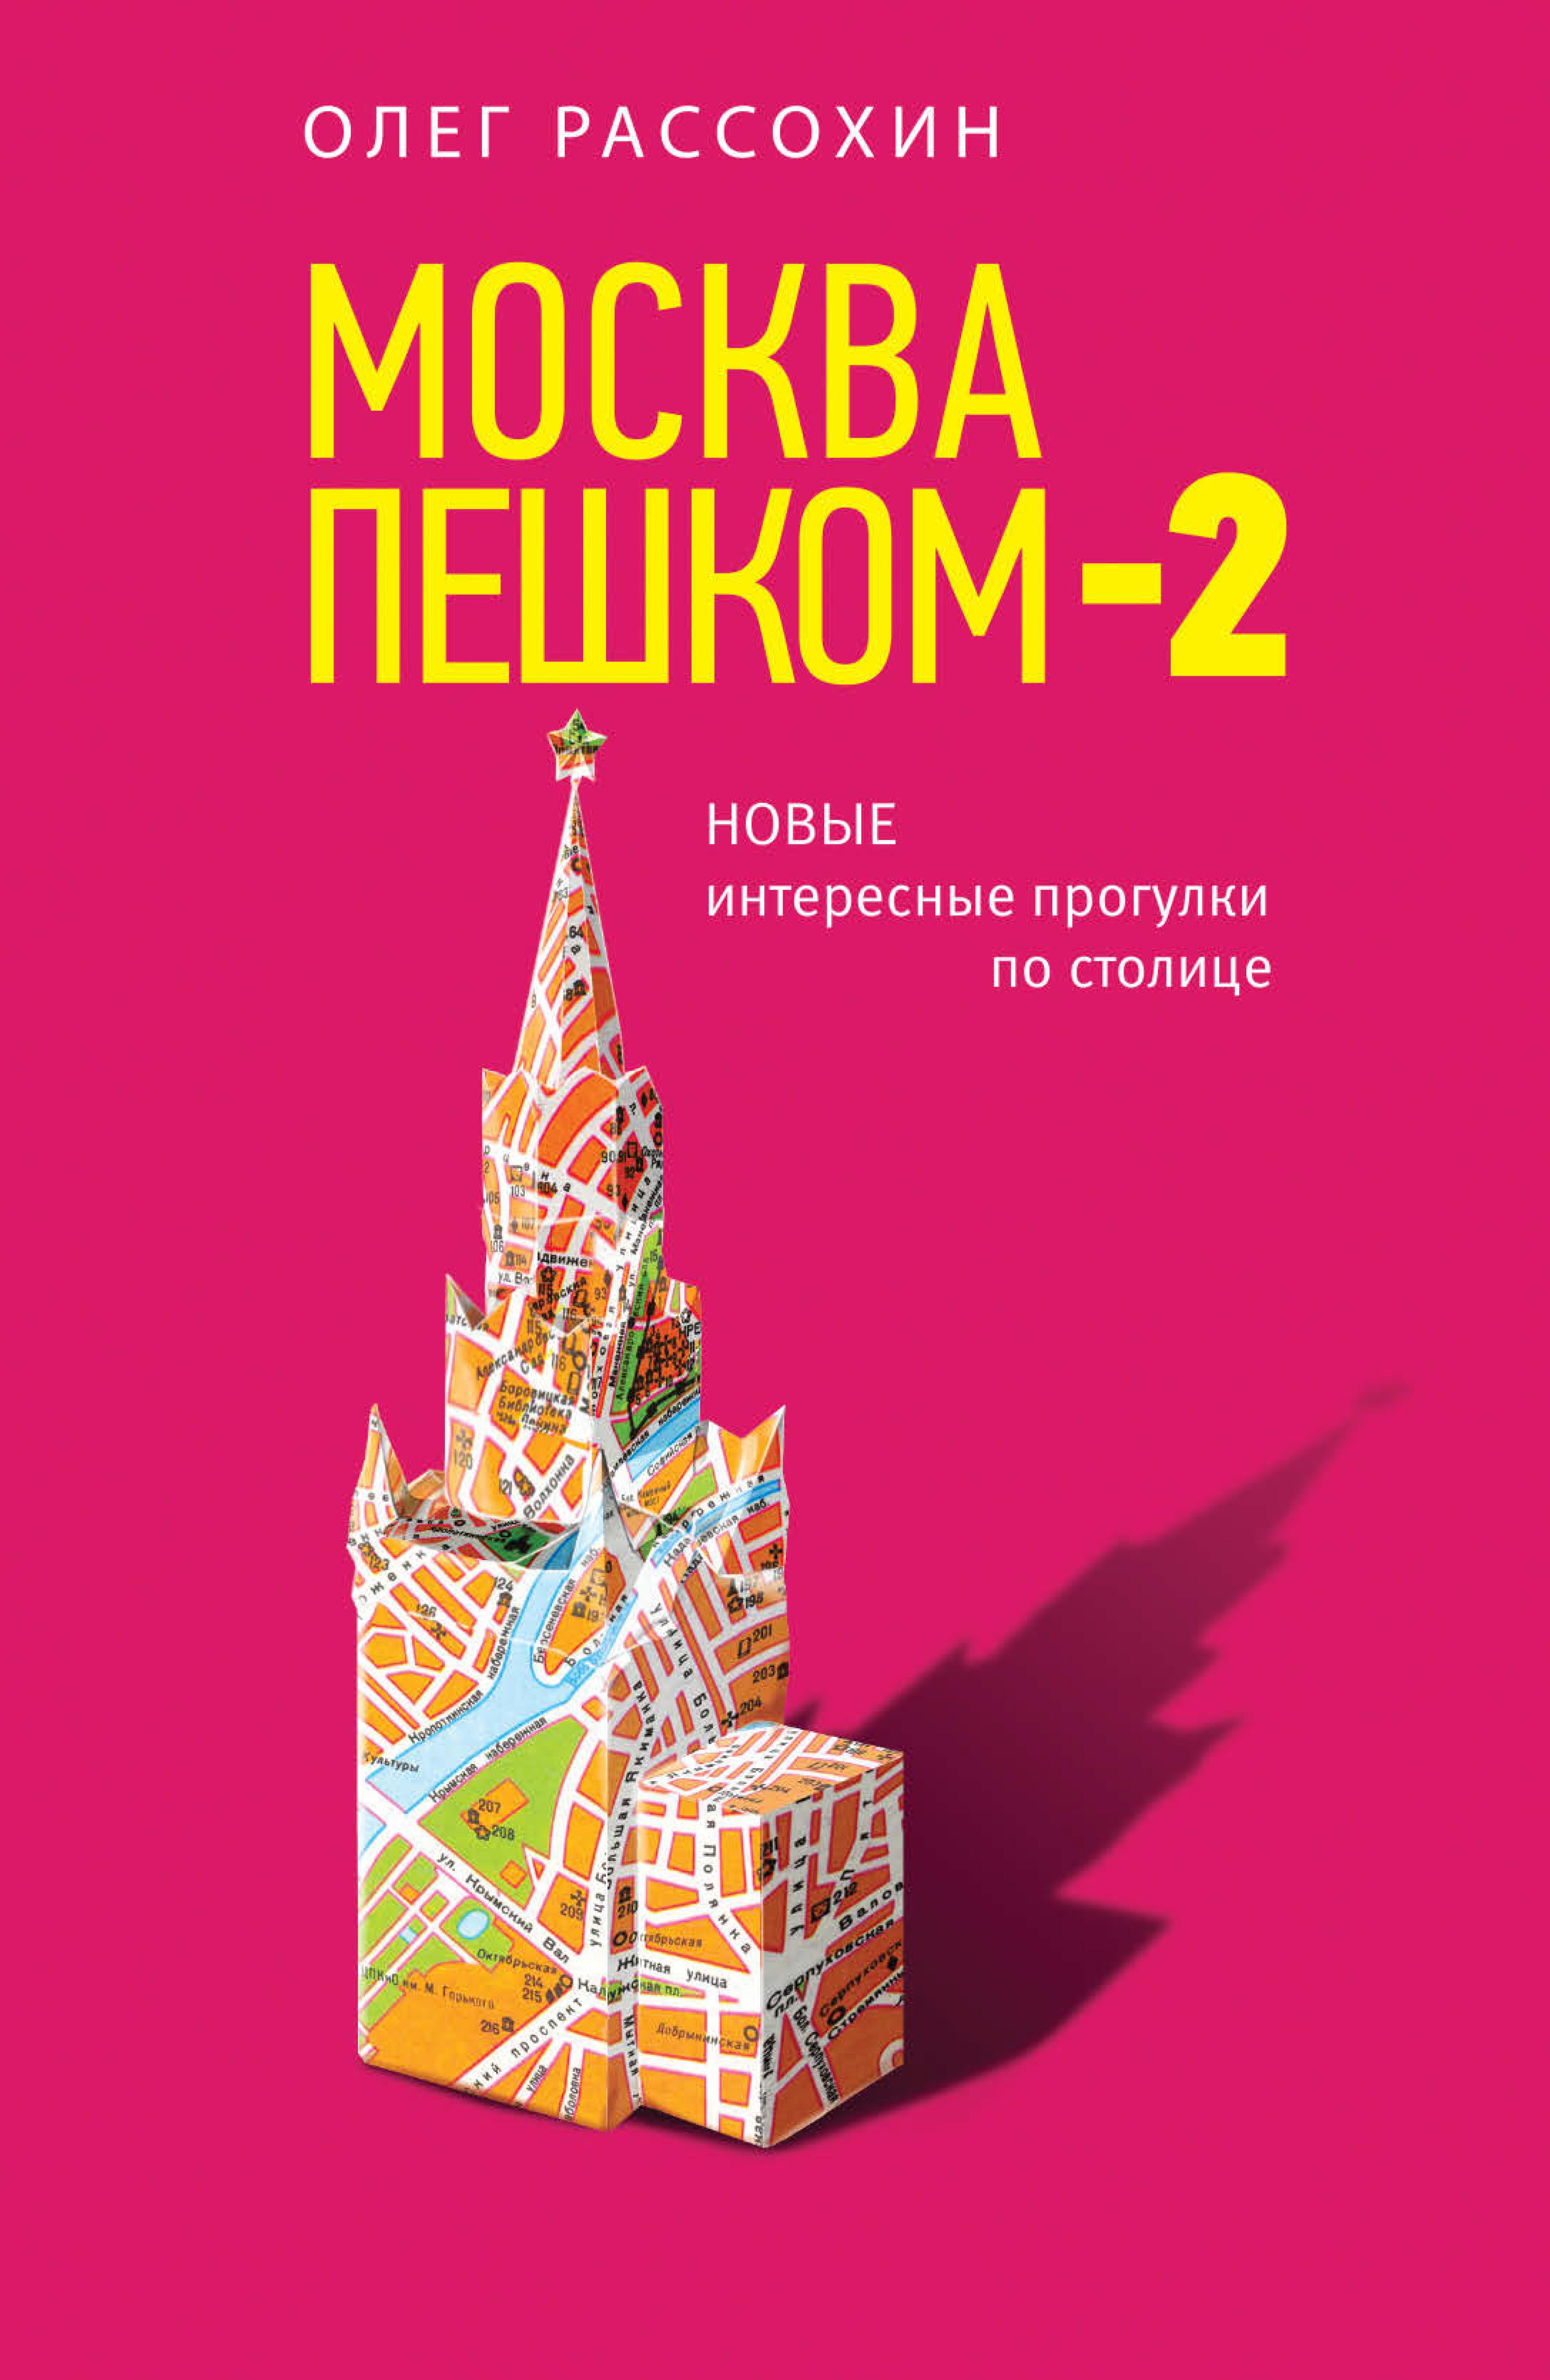 Москва пешком-2. Новые интересные прогулки по столице